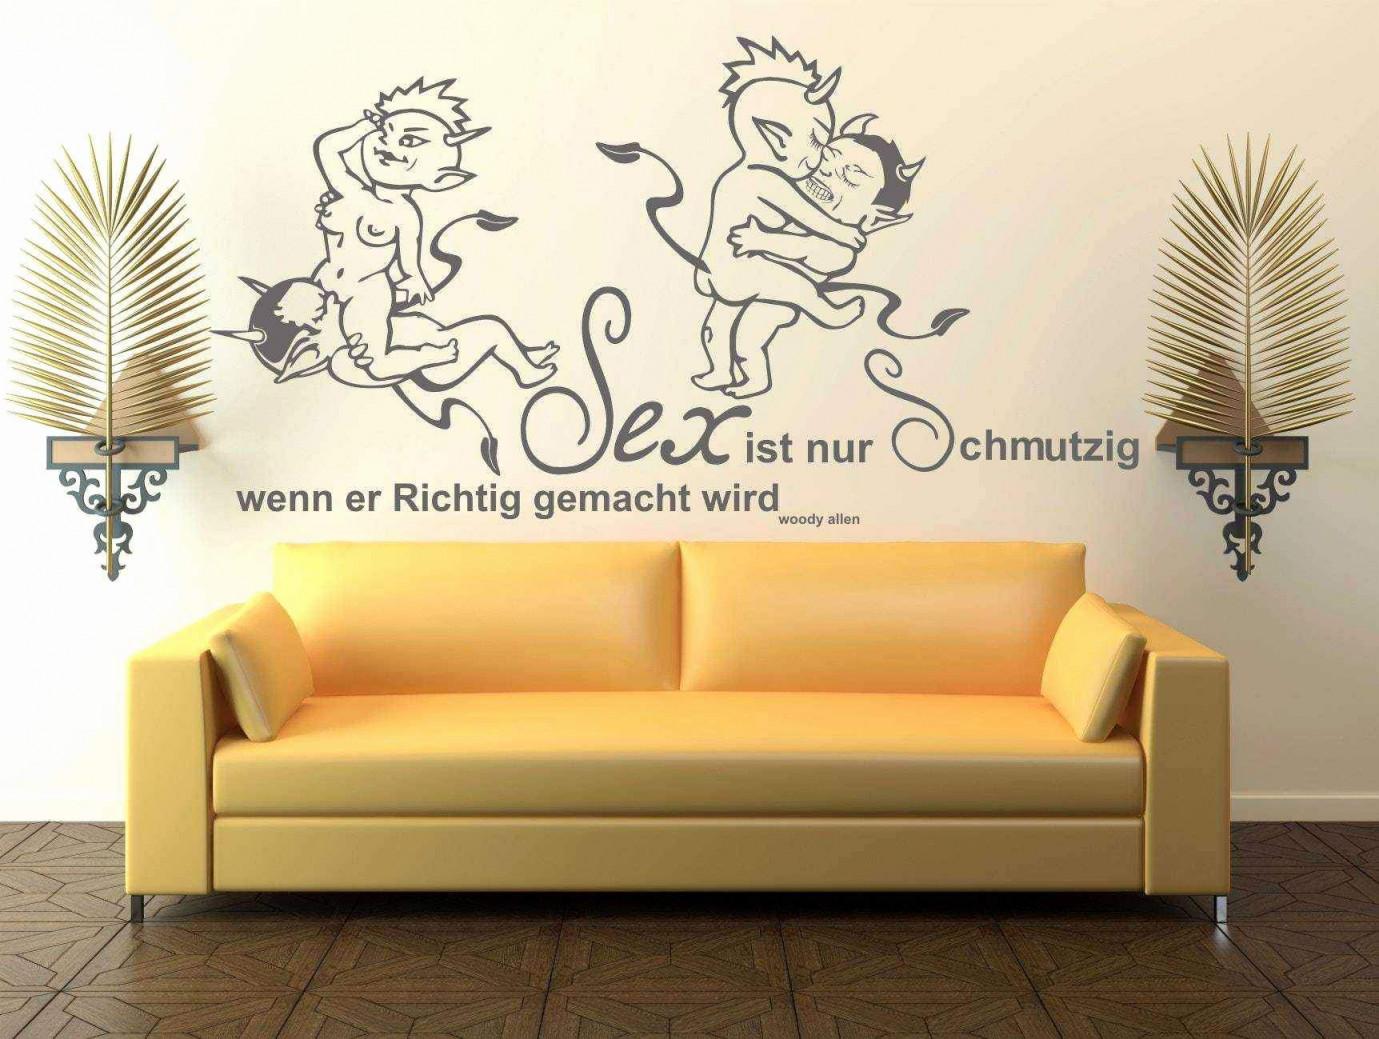 Wandtattoo Wohnzimmer Schön Inspirational Wandtattoos von Wandtattoos Wohnzimmer Ideen Photo